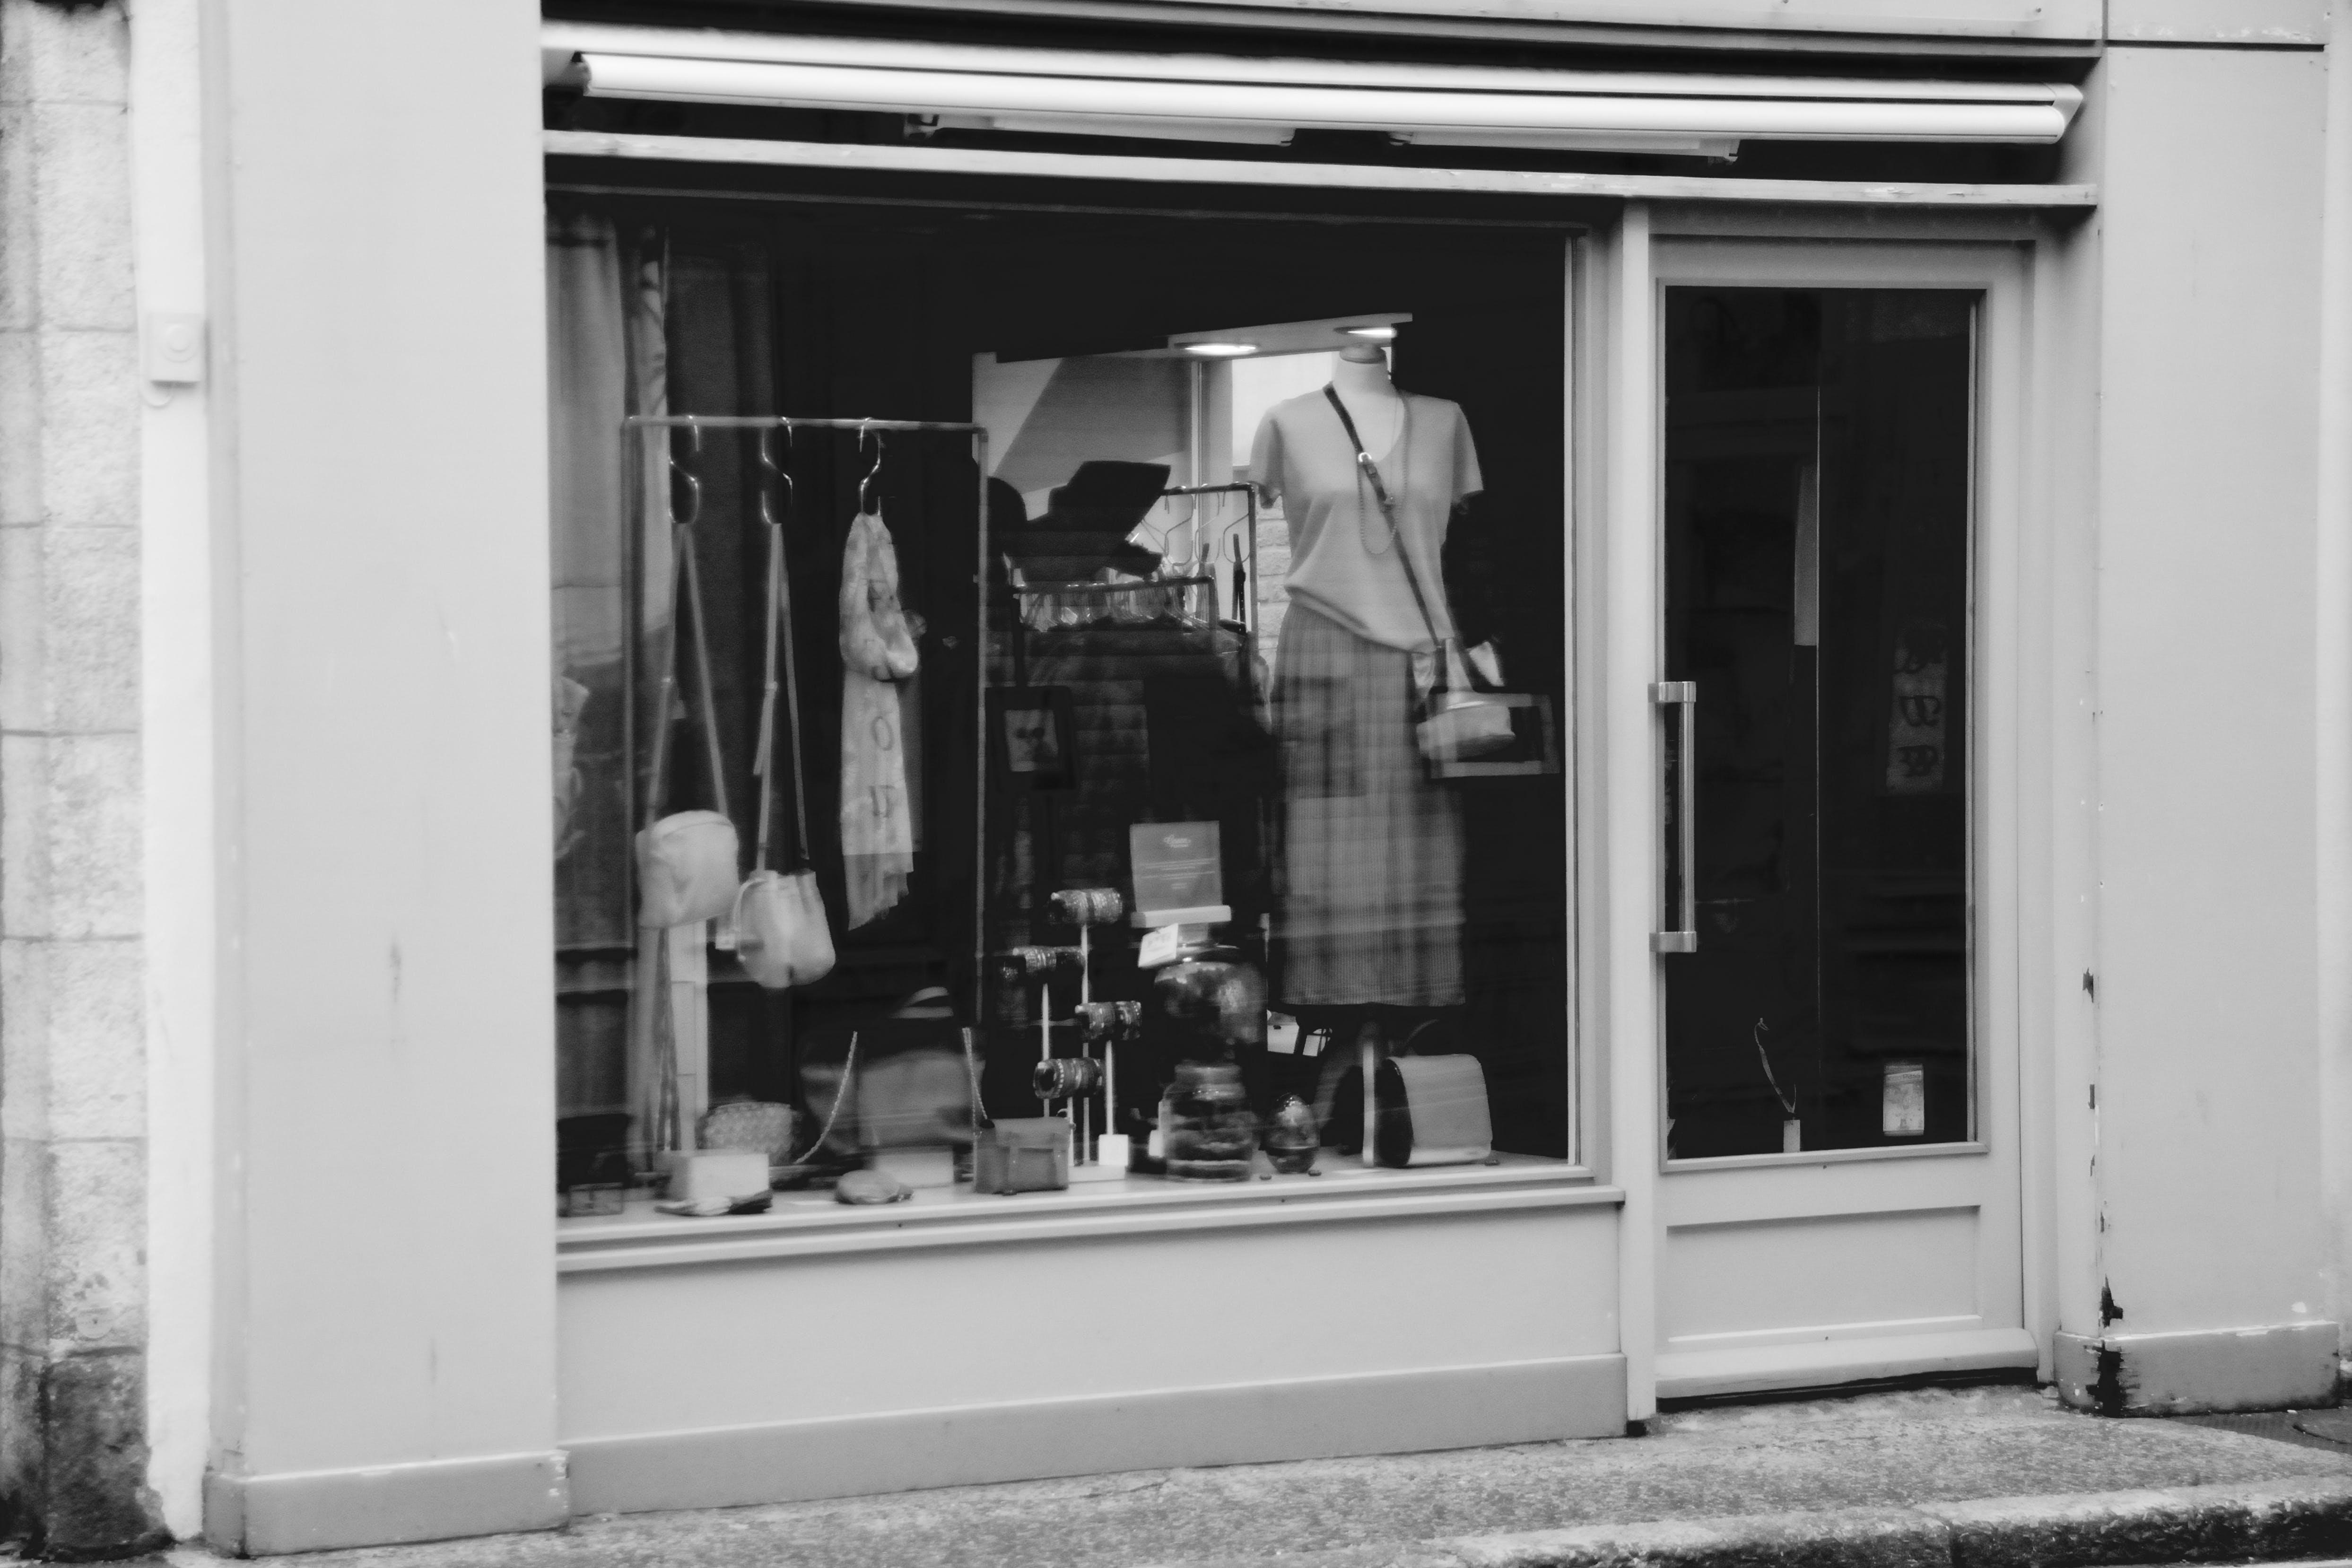 Δωρεάν στοκ φωτογραφιών με magasin, reflets, urbain, vitres